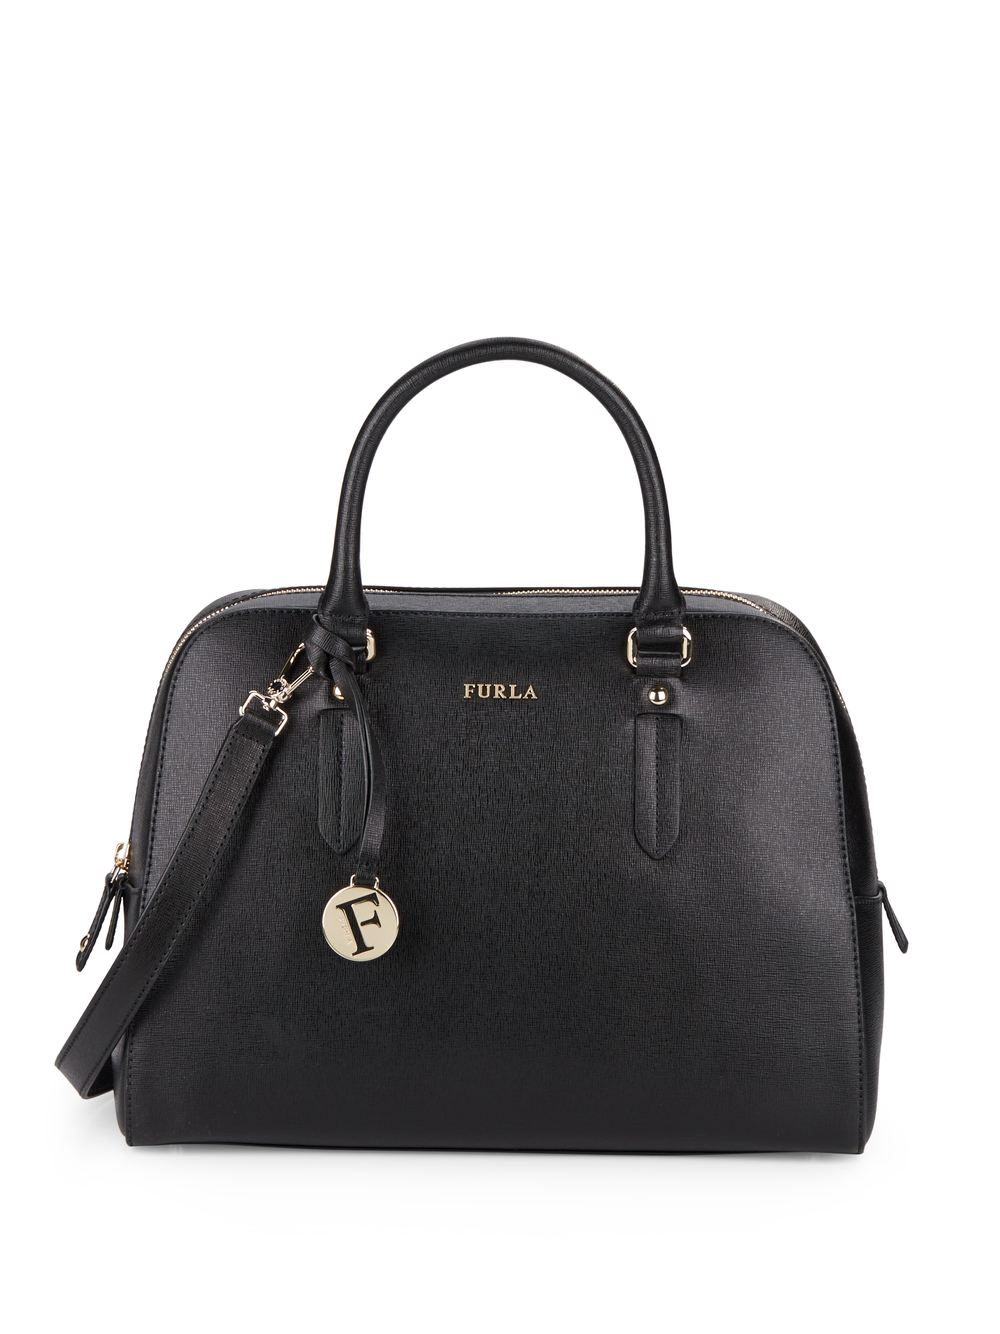 Handbags-004.JPG